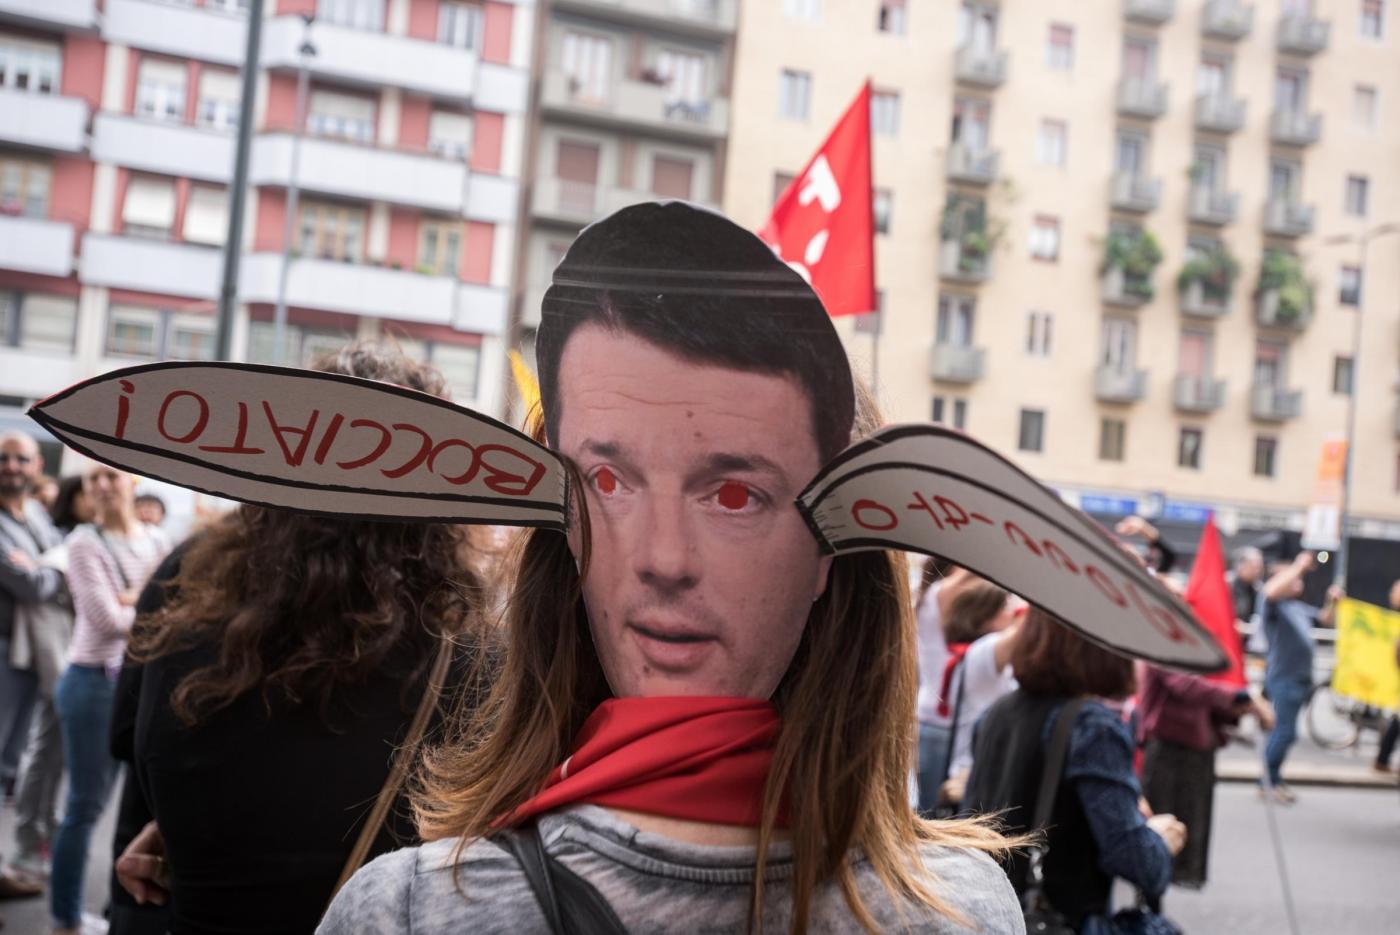 Scuola, sciopero e cortei in tutta Italia